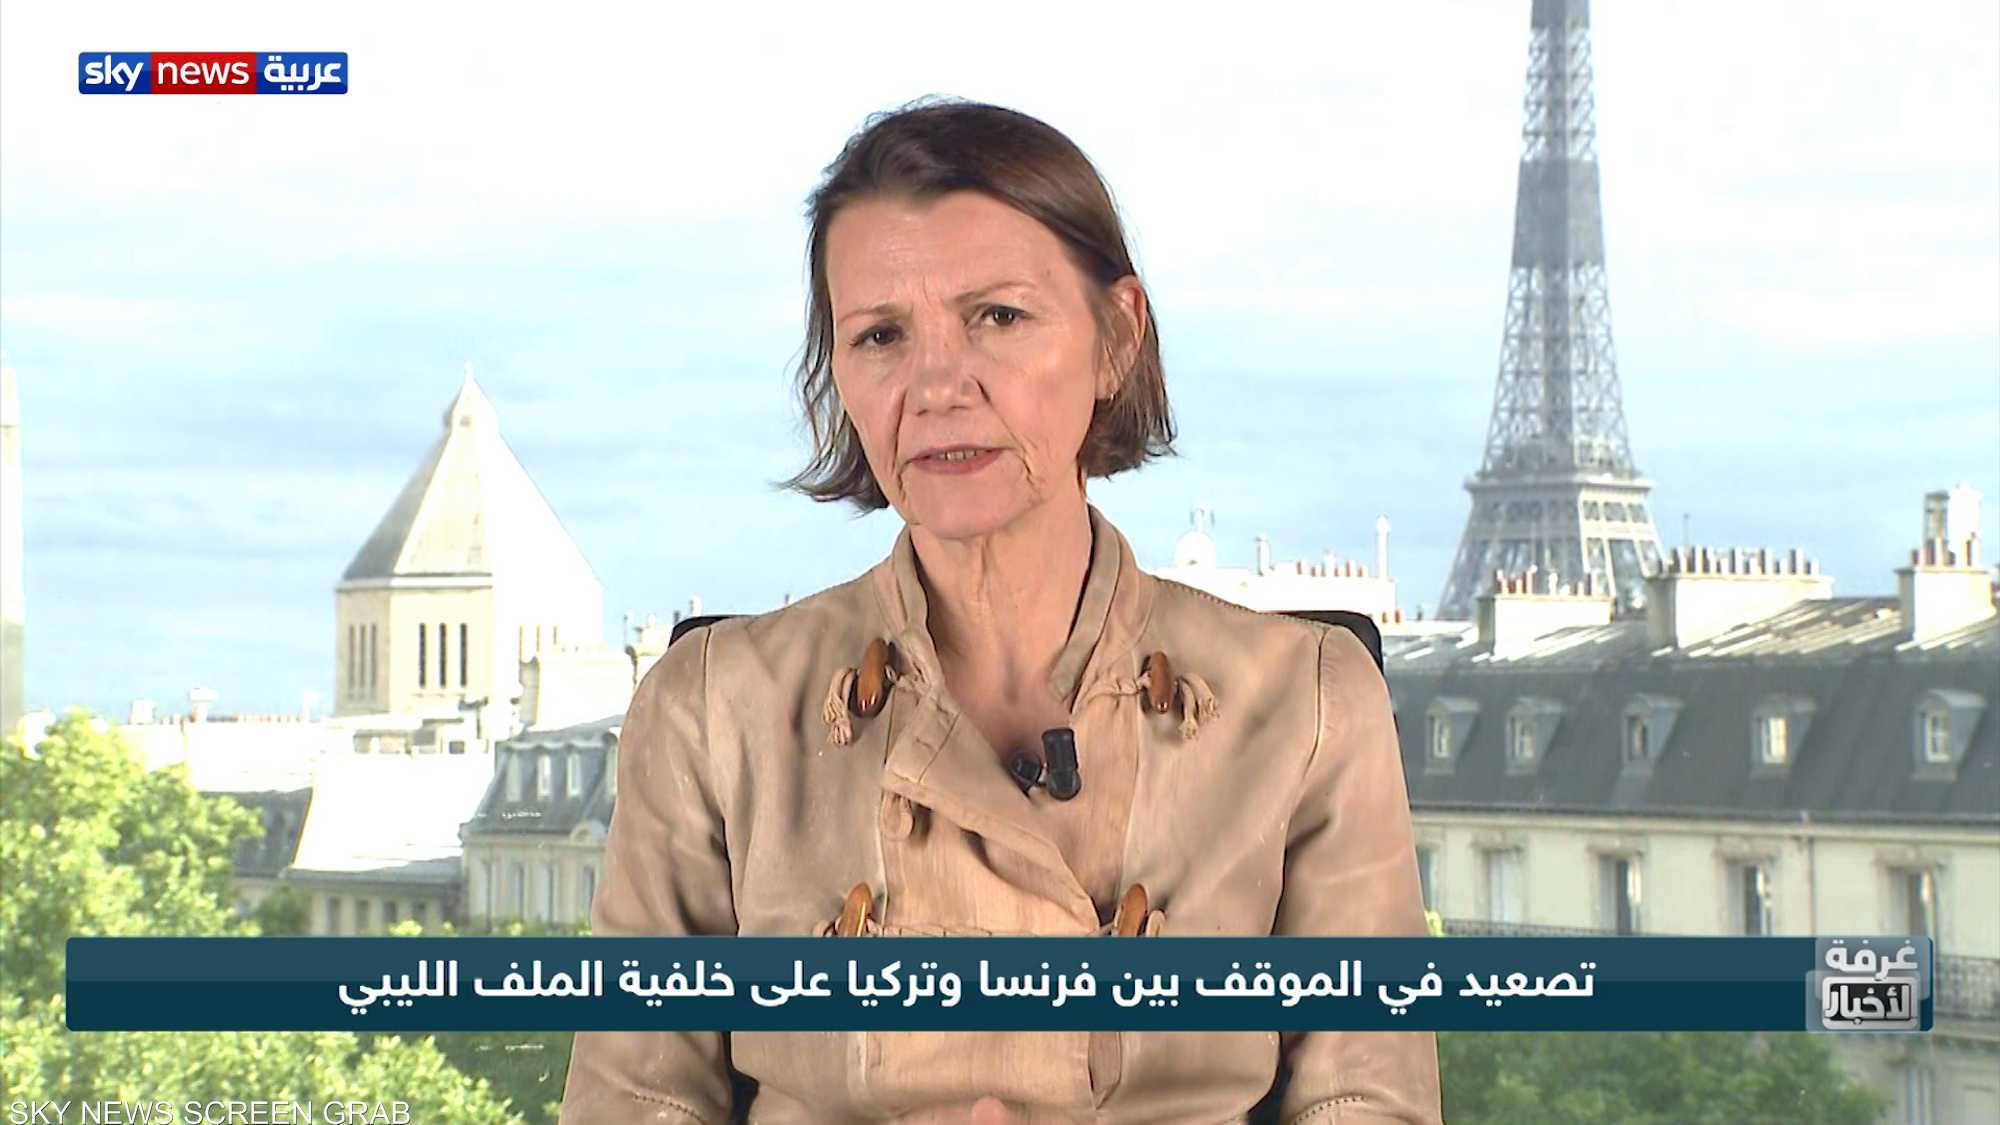 تصعيد في الموقف بين فرنسا وتركيا على خلفية الملف الليبي